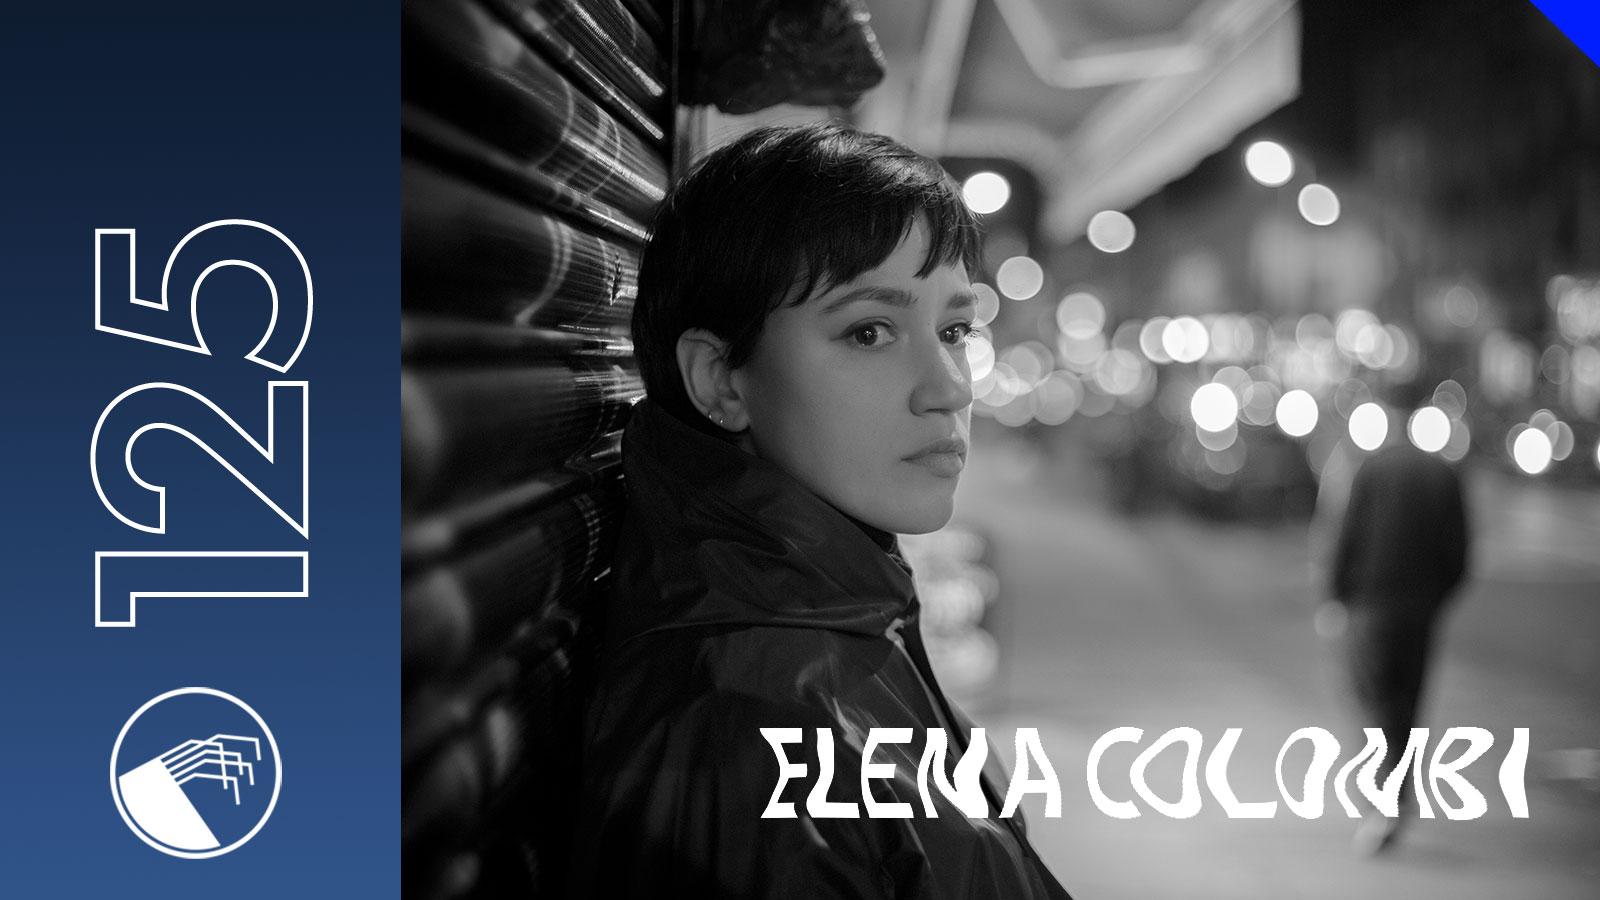 125 Elena Colombi